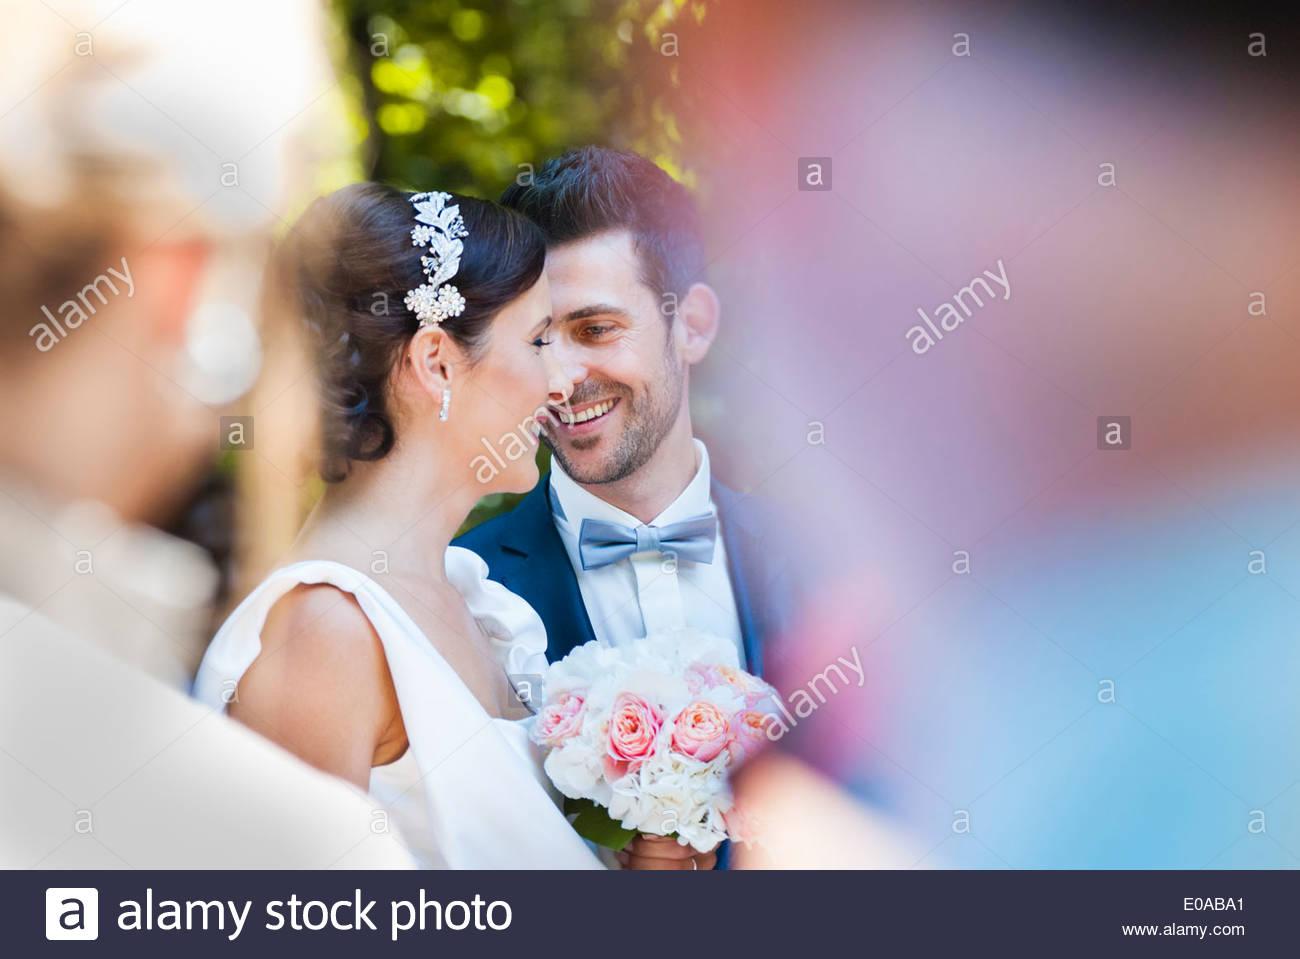 Mitte Erwachsenen Braut und Bräutigam umgeben von Hochzeitsgäste Stockbild